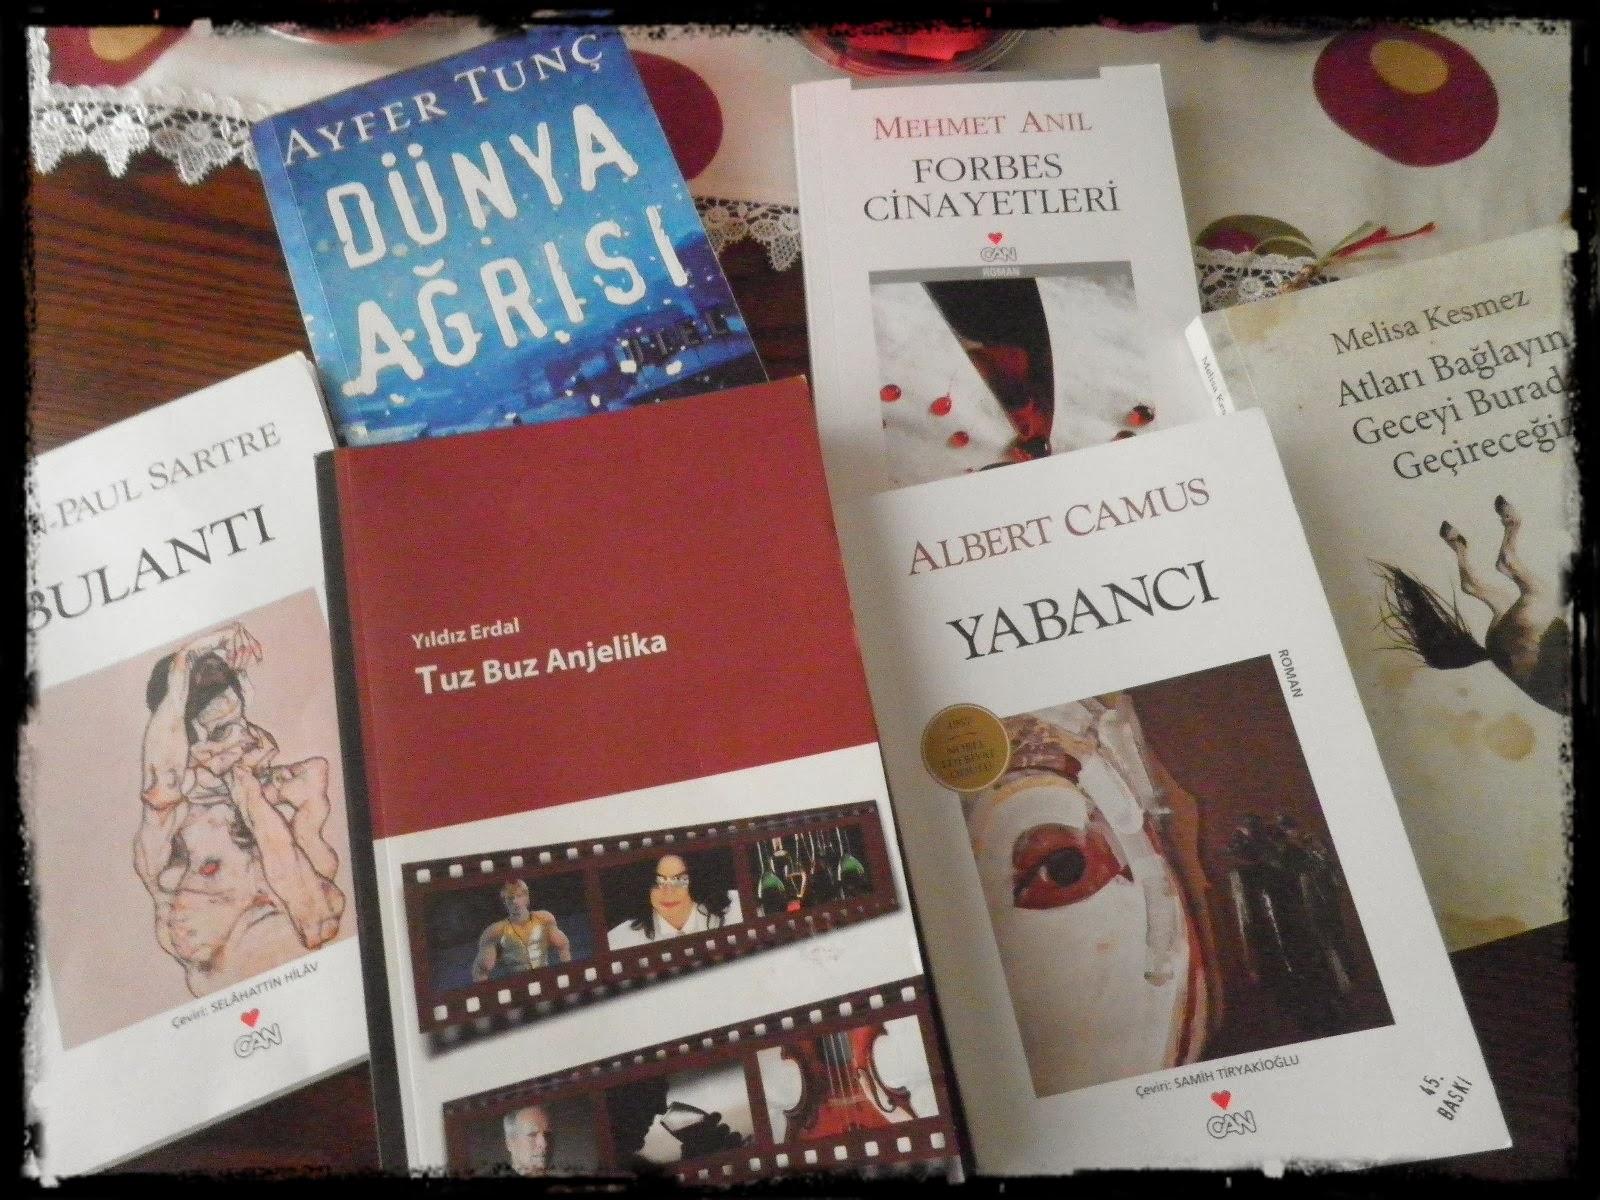 subat kitaplari 1